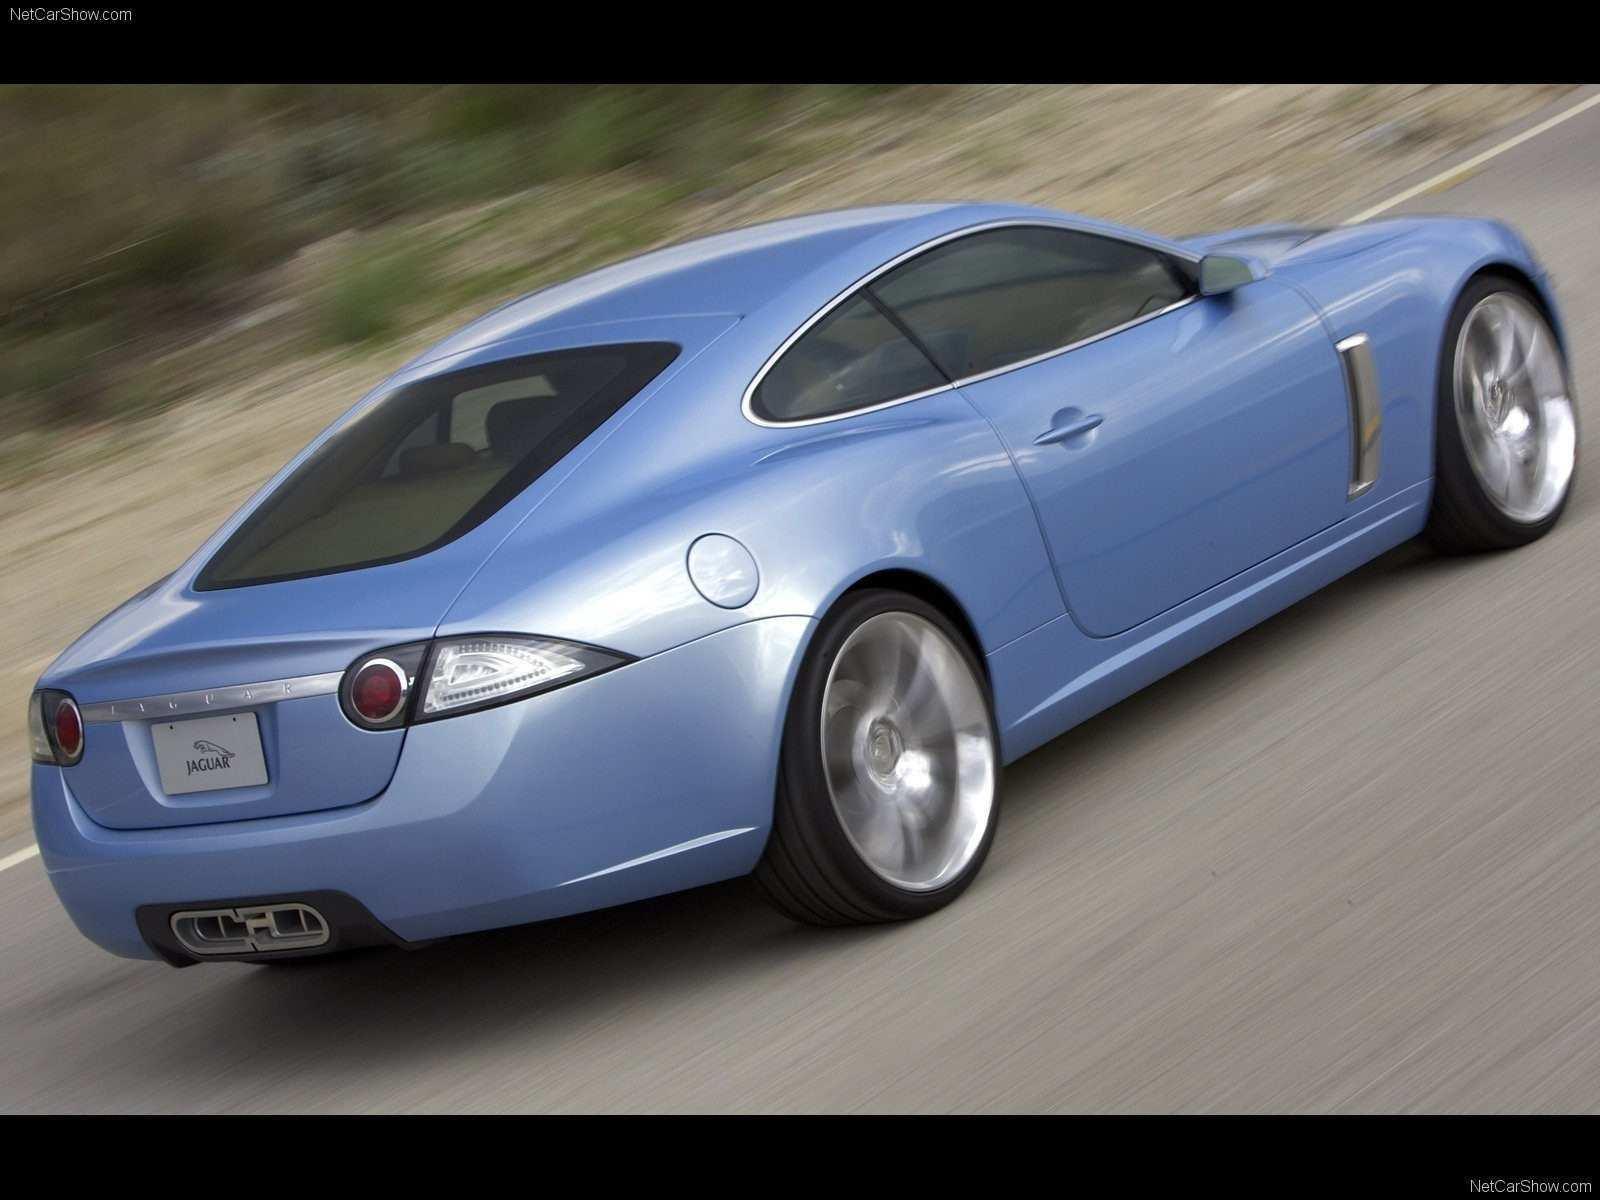 30 Best Review 2019 Jaguar Xj Coupe Interior for 2019 Jaguar Xj Coupe